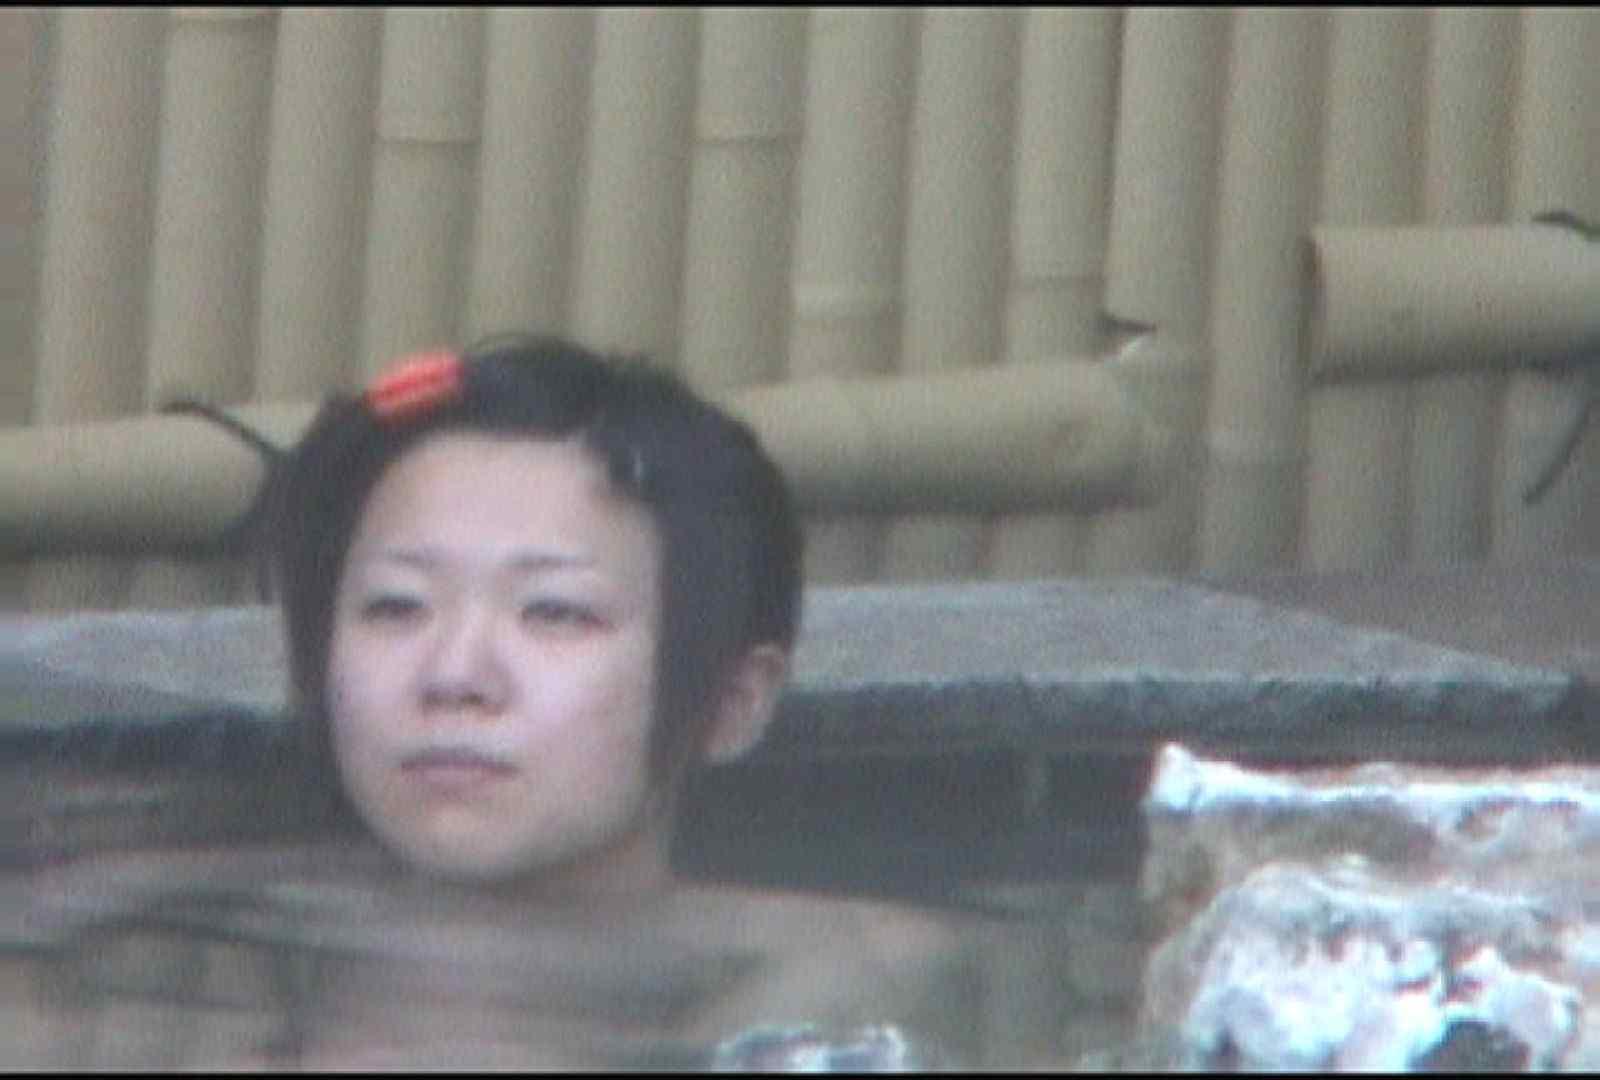 Aquaな露天風呂Vol.175 0   0  51pic 25